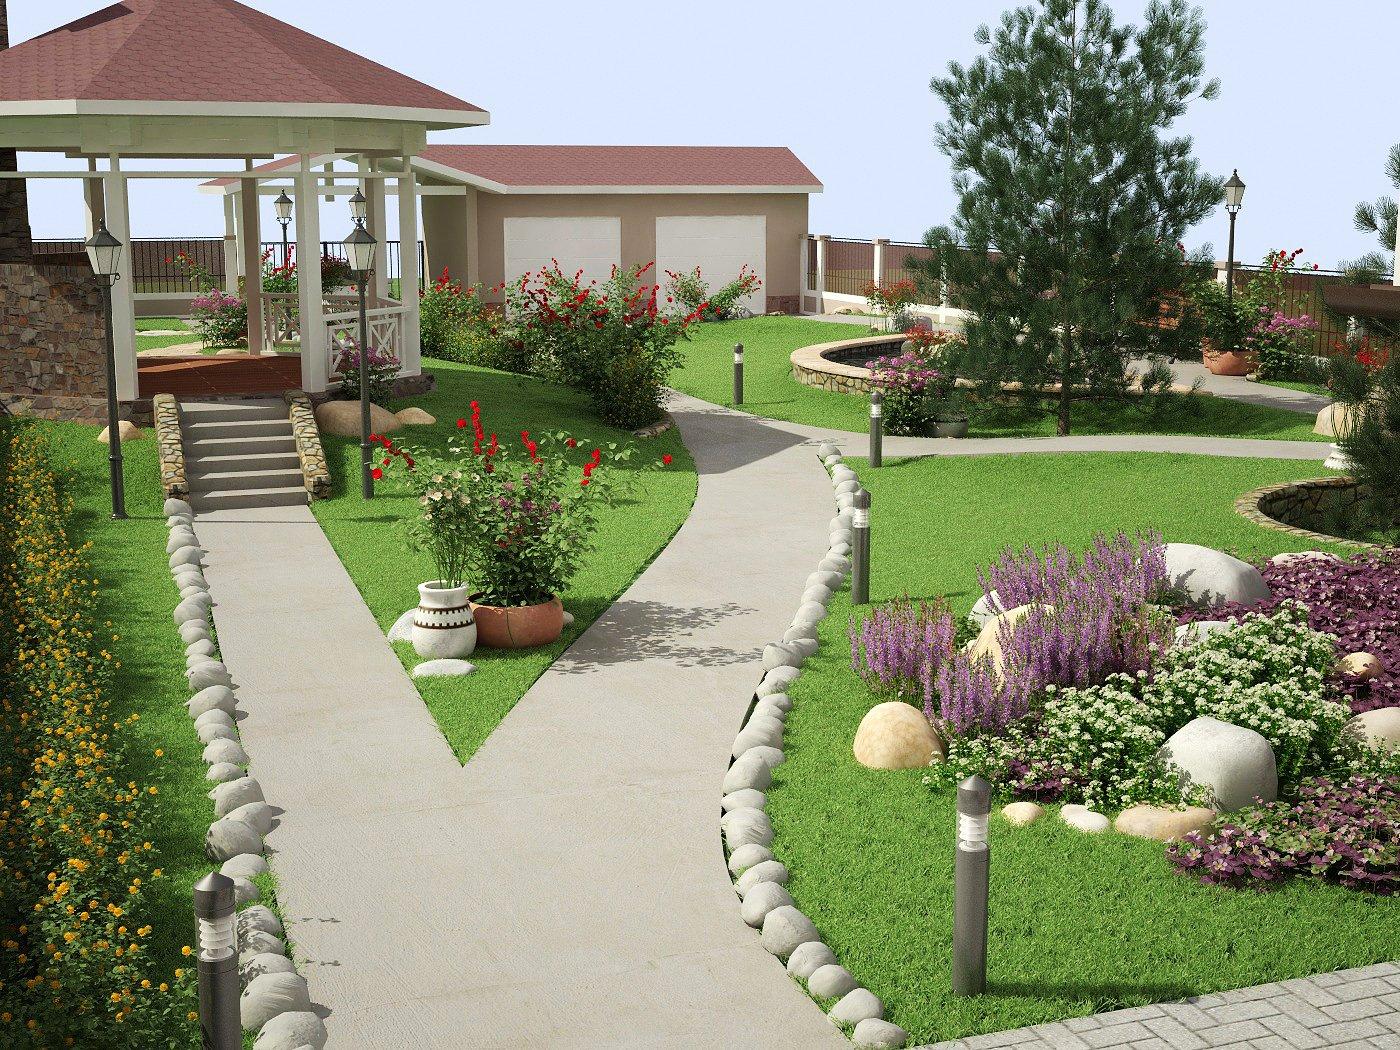 Благоустройство участка – советы по комплексному озеленению и подбору стиля для ландшафтного дизайна